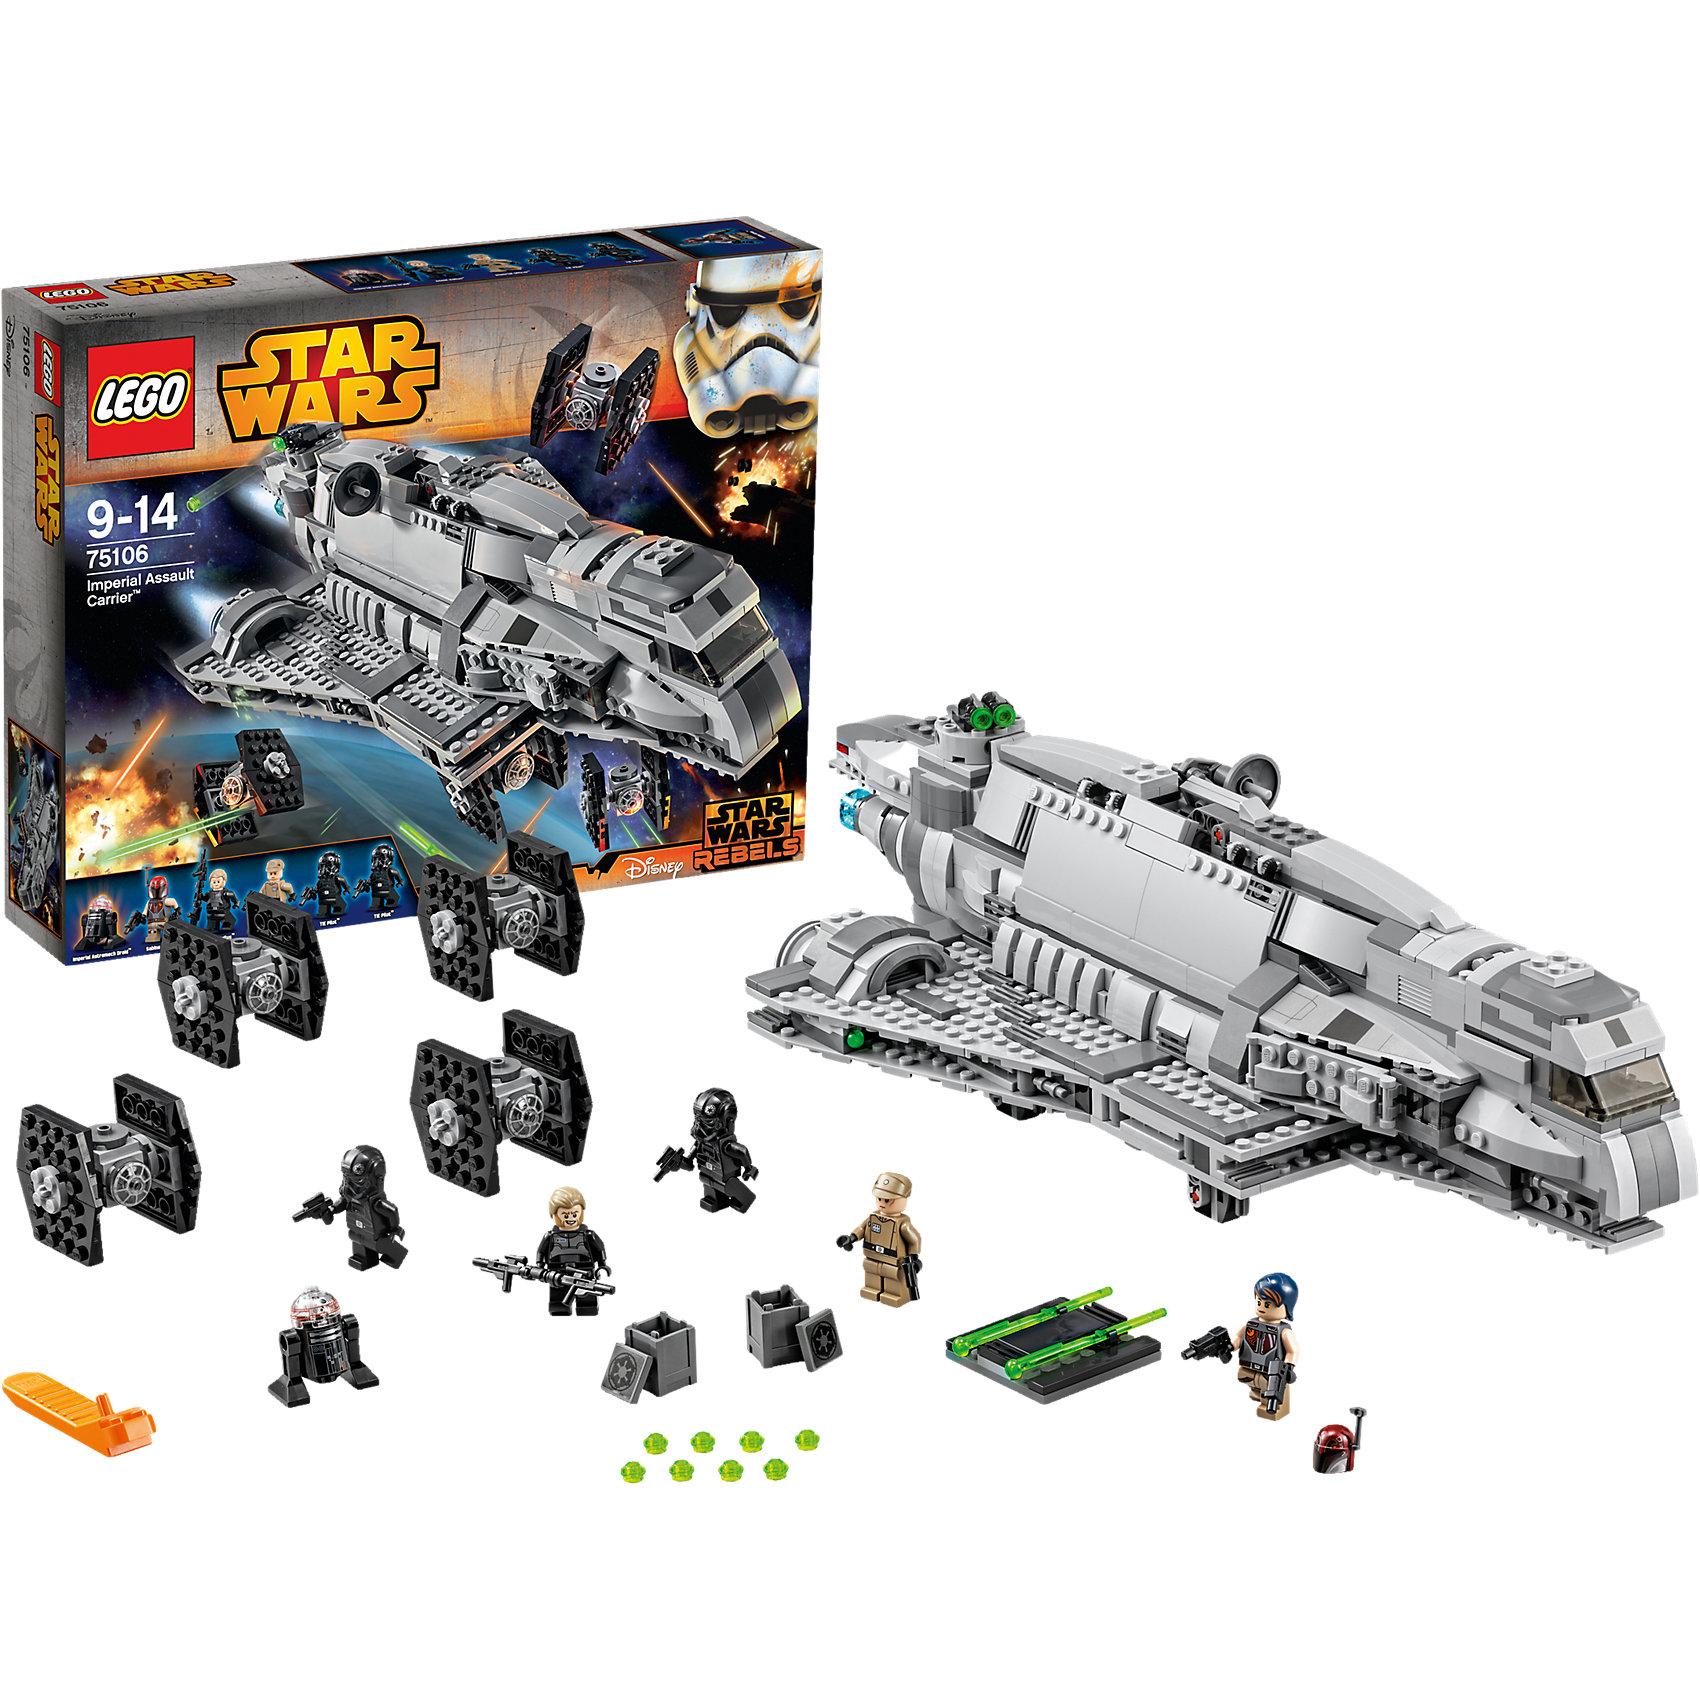 LEGO Star Wars 75106: 75106 Имперский перевозчикПластмассовые конструкторы<br>Конструктор LEGO Star Wars (ЛЕГО Звездные войны) 75106: Имперский перевозчик - это мечта мальчишек, которые обожают вселенную Звездных Войн. Имперский перевозчик - это боевой транспортный корабль. Он часто встречается на просторах Галактики. Корабль оснащен множеством активных функций, делающих его еще более интересным для игры. Бронированный корпус безопасен, а кабина пилота дает прекрасный обзор. Поднимите часть крыши и окажитесь в кабине пилота с приборной панелью и рычагами управления. Благодаря вместительному грузовому отсеку, Вы сможете погрузить в перевозчик пассажиров и много груза. Снимите бока и создайте игровые ситуации на борту перевозчика. Нажми на рычаг на крыльях и десантируй четыре имперских истребителя TIE, закрепленных под днищем корабля. Две спаренные турели способны наносить сокрушительные удары как вверх, так и вниз. Почувствуй себя сценаристом великой саги, используй минифигурки и создай собственную историю знаменитого эпизода! Подключайте фантазию и Вам никогда не будет скучно в компании LEGO (ЛЕГО)!<br><br>LEGO Star Wars (ЛЕГО Звездные войны) – это тематическая серия детских развивающих конструкторов по мотивам приключенческого мультфильма 2014 года «Звездные войны: Повстанцы». Ребенок сможет часами играть с конструктором, придумывая различные ситуации и истории из любимого мультфильма. В процессе игры с конструктором дети приобретают и постигают такие необходимые навыки как познание, творчество, воображение.<br><br>Дополнительная информация:<br><br>- Игра с конструктором  LEGO (ЛЕГО) развивает мелкую моторику ребенка, фантазию и воображение, учит его усидчивости и внимательности;<br>- В комплекте: 6 минифигурок (Сабина Врен, агент Каллус, 2 пилота Истребителя TIE,  имперский офицер и астромеханический дроид), оружие, детали набора;<br>- Количество деталей: 1216 шт;<br>- Серия: LEGO Star Wars (ЛЕГО Звездные войны);<br>- Материал: высококачественный пластик;<br>- Раз